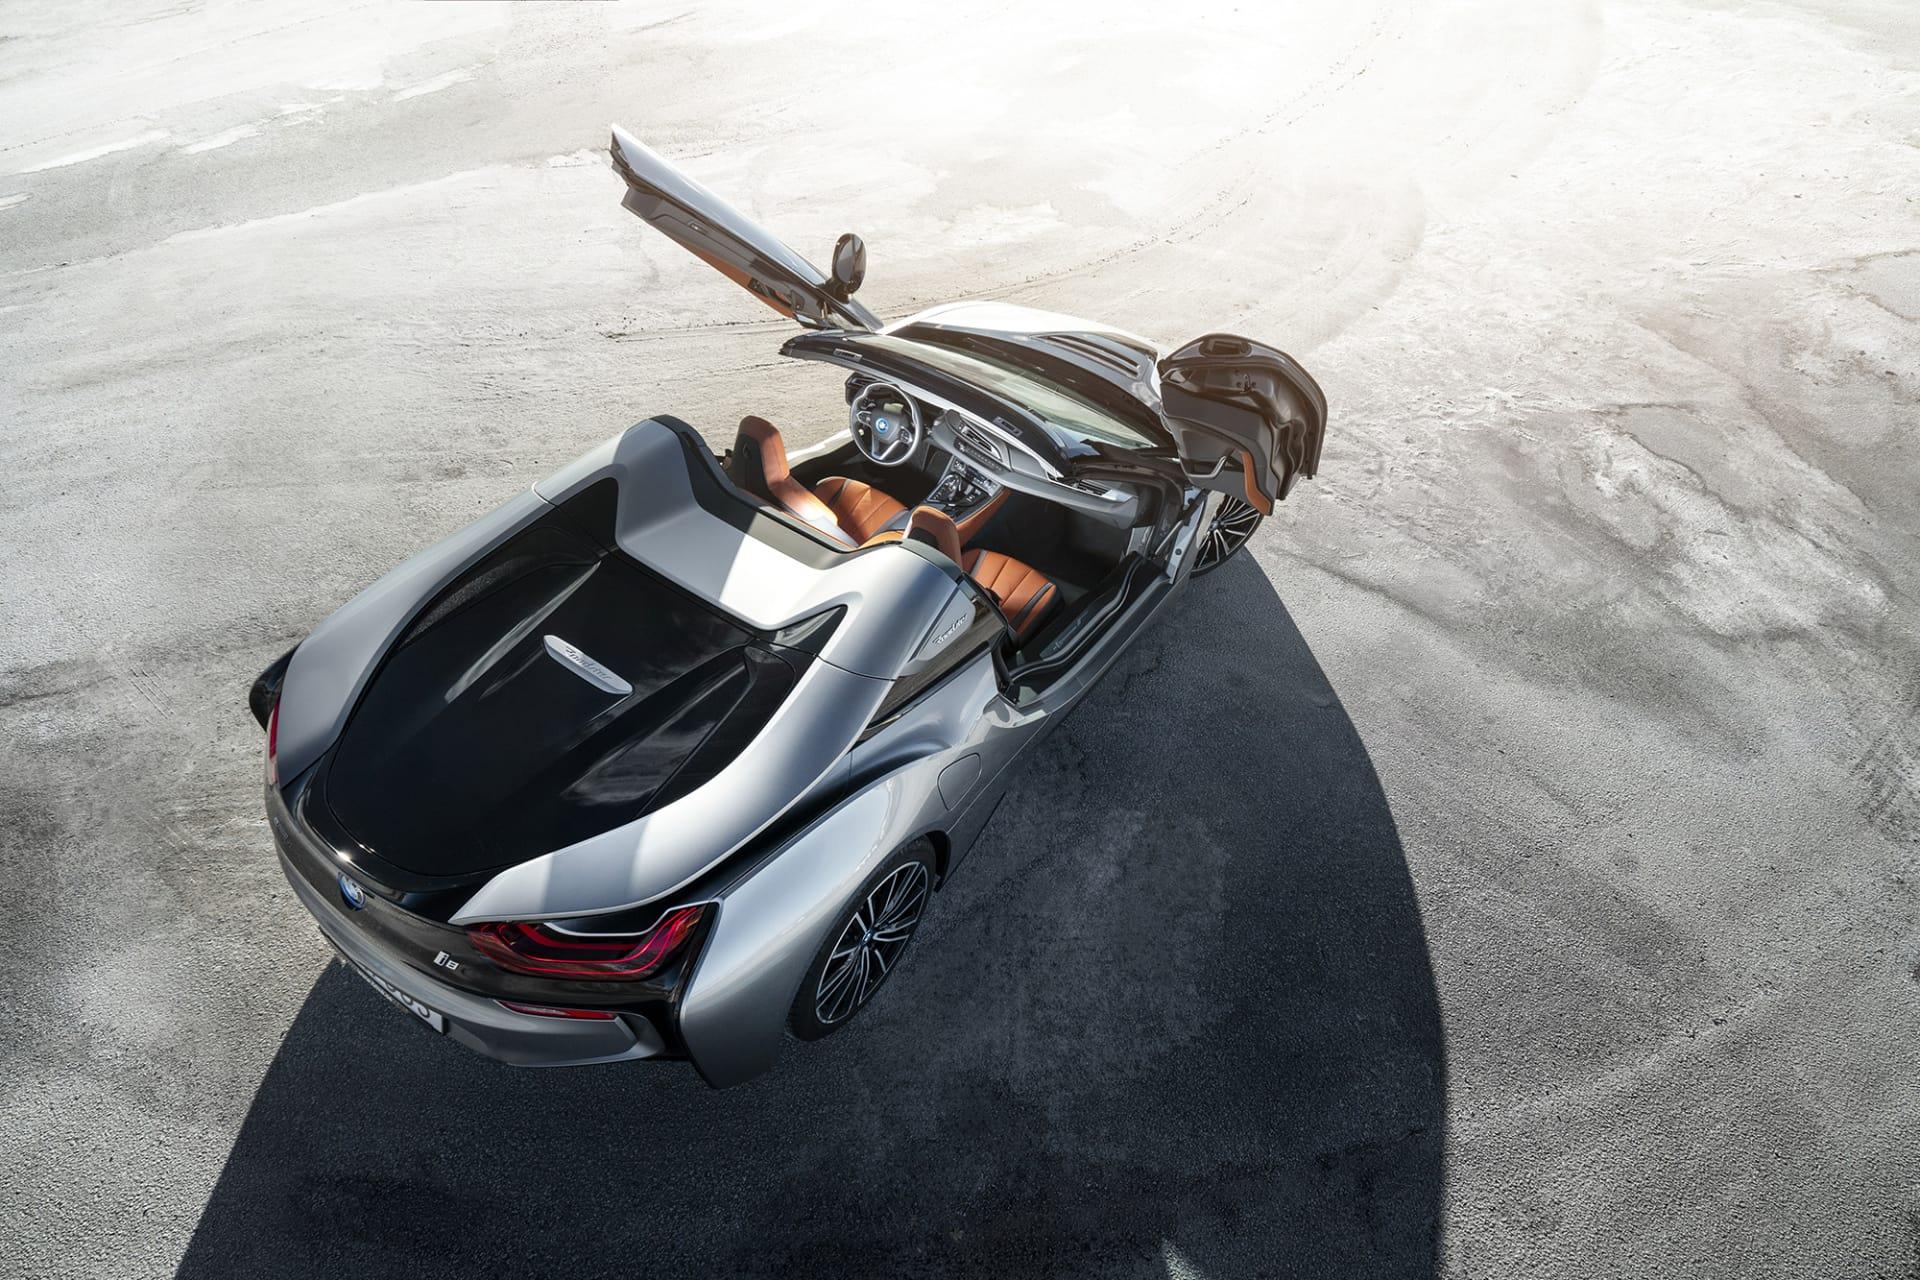 När de spektakulära ramlösa saxdörrarna öppnas på BMW i8 Roadster står ingen oberörd.